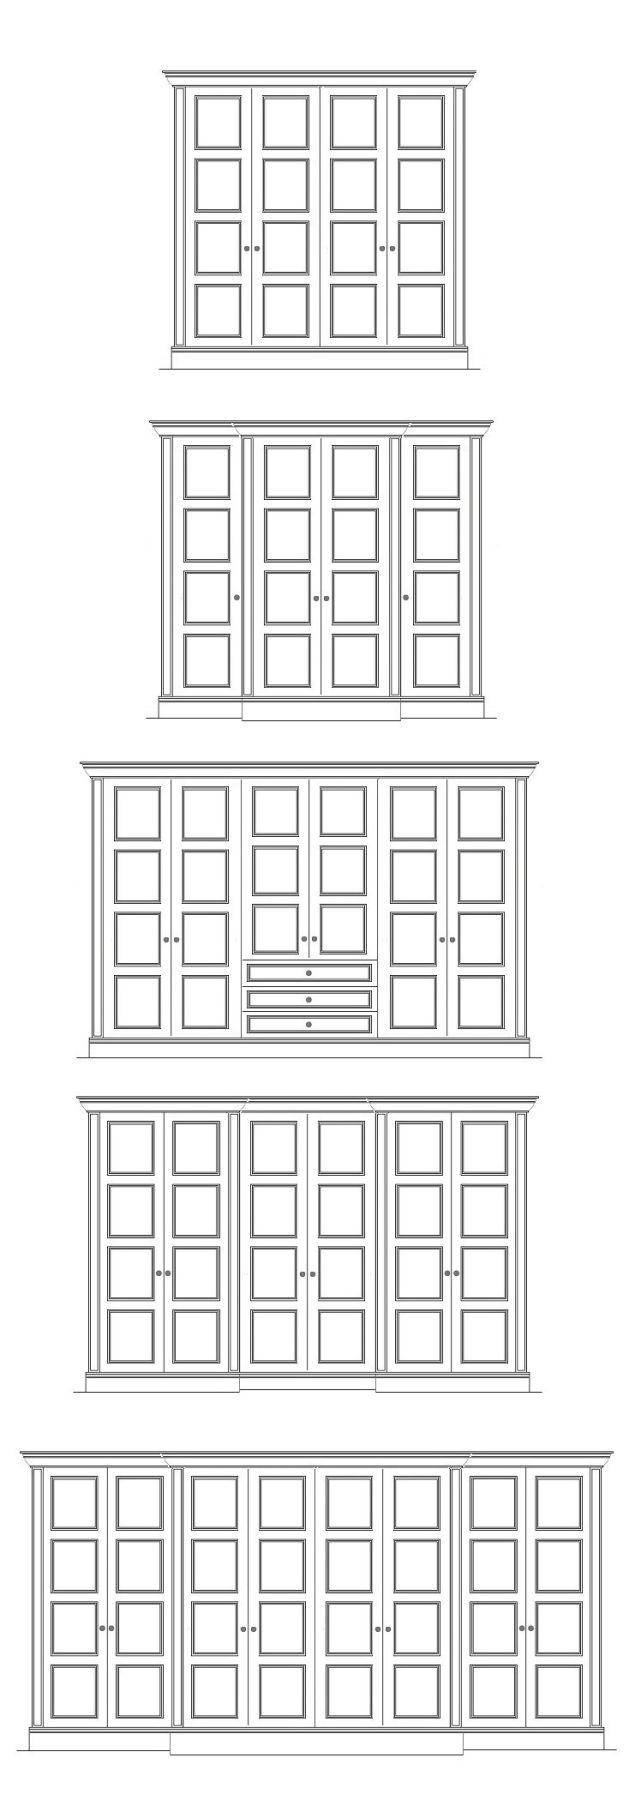 Edwardian Style Four Panel Wardrobe Door. Bespoke wardrobe designs including breakfront, recess front and various door combinations